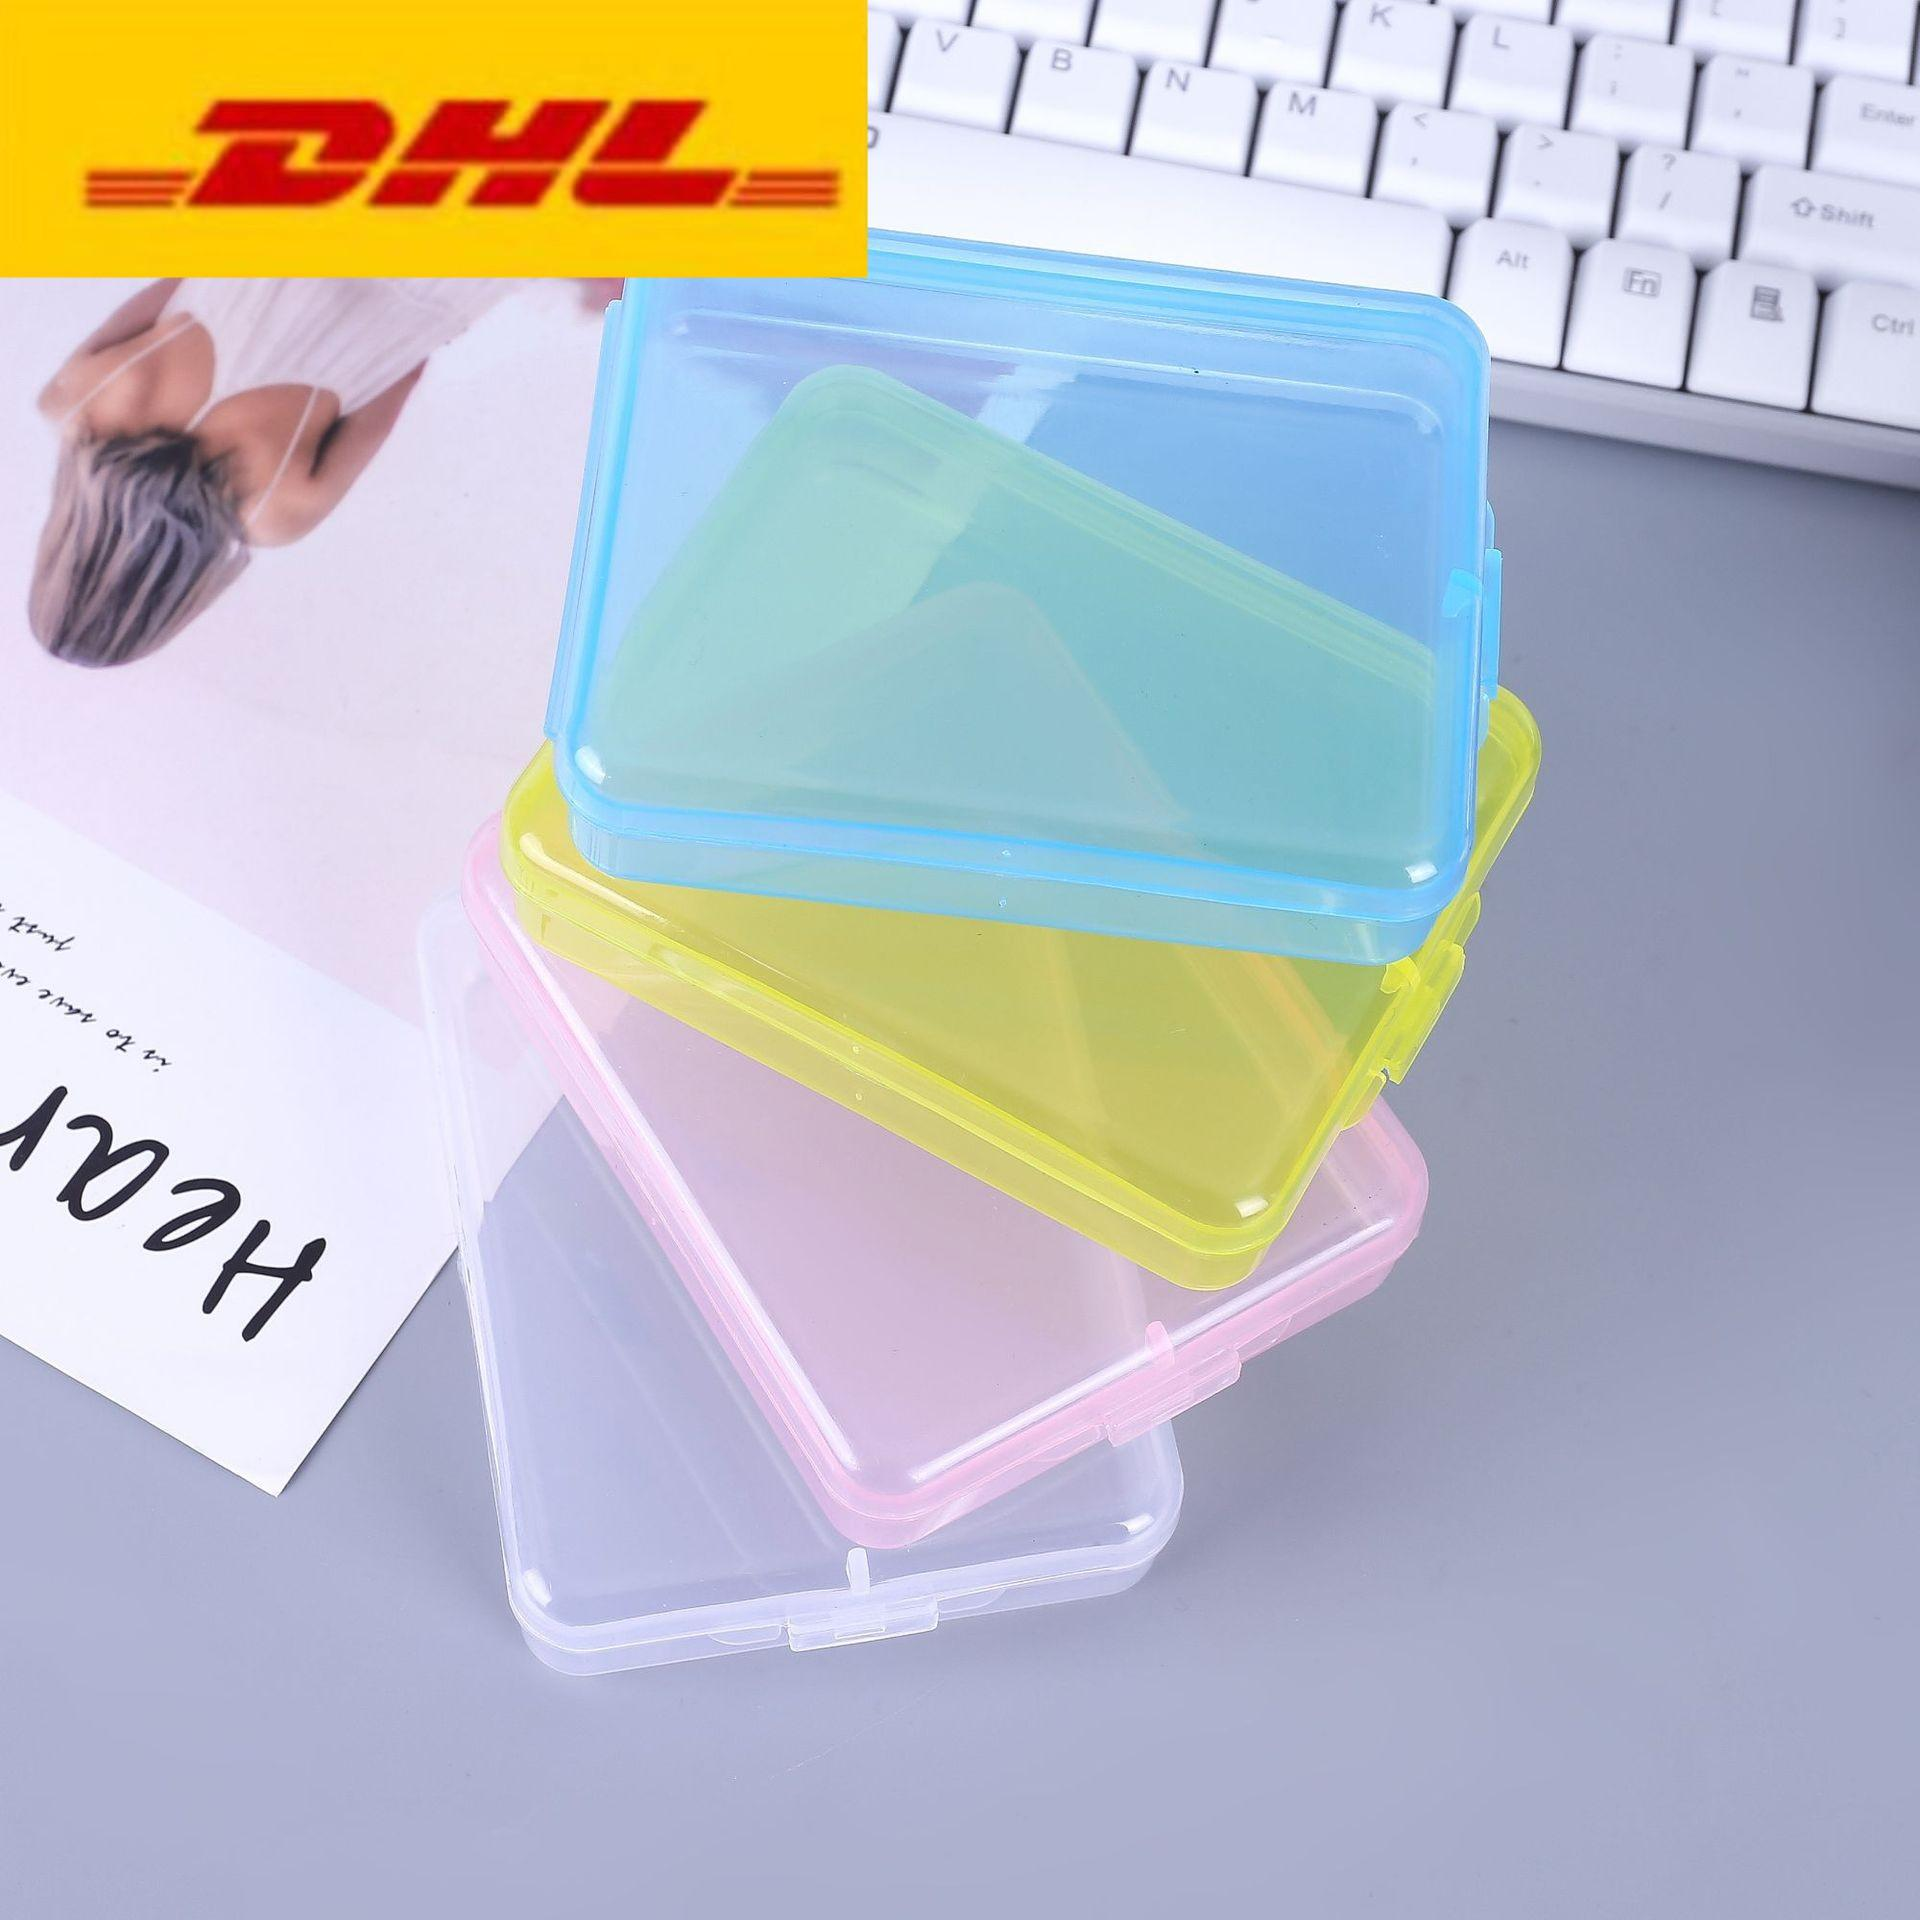 DHL BARRILLO SHATTER Caja de contenedor Protección Caja de la caja Contenedor Cajas de tarjeta de memoria CF Tarjeta Herramienta de plástico Almacenamiento transparente fácil de llevar FY802